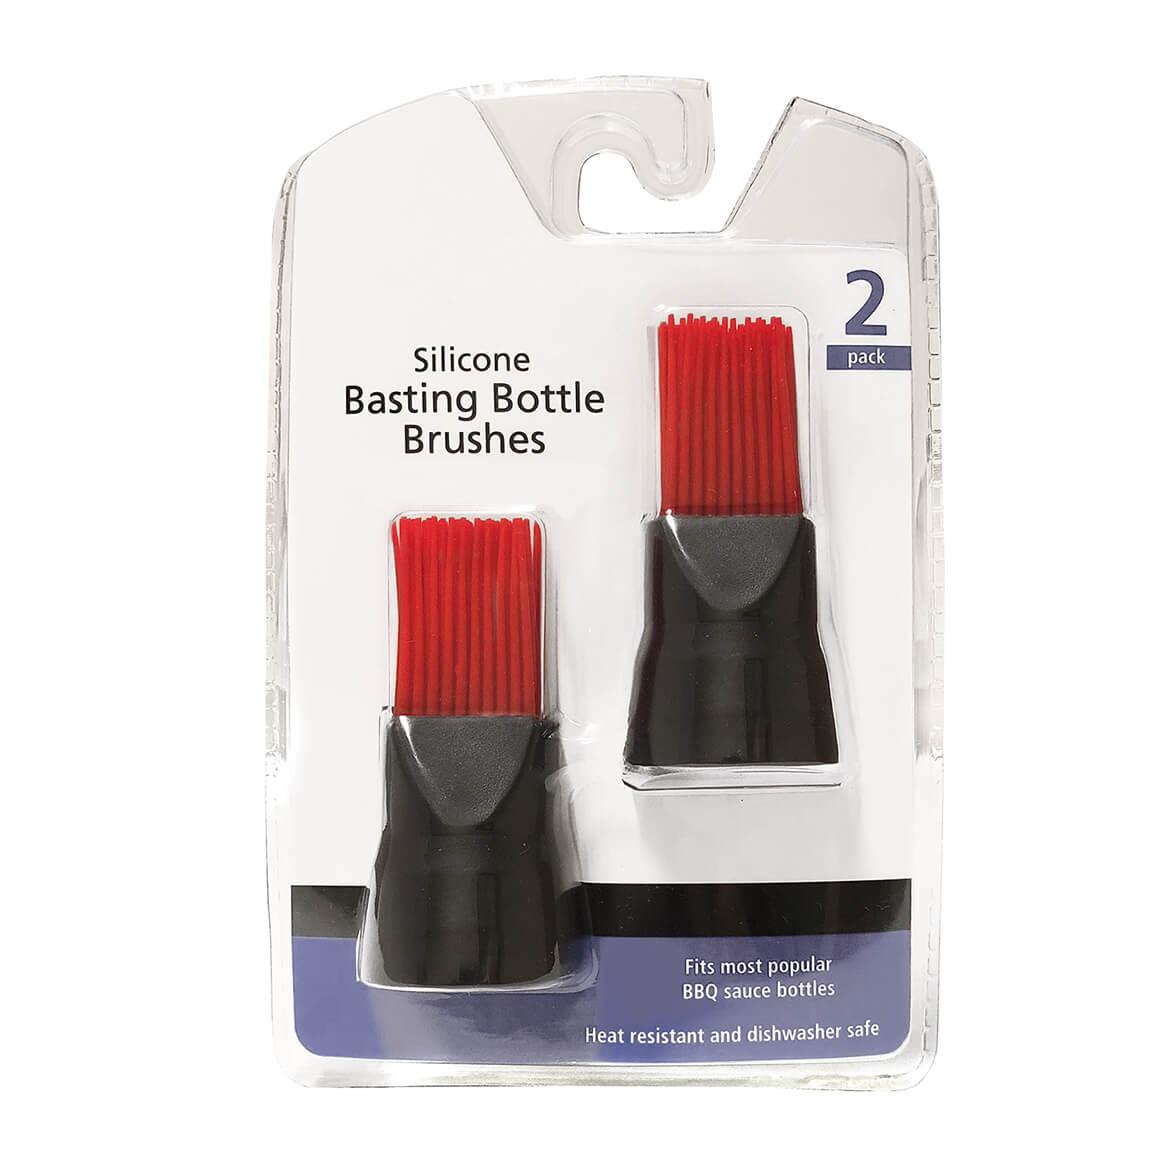 Silicone Basting Bottle Brushes-369874